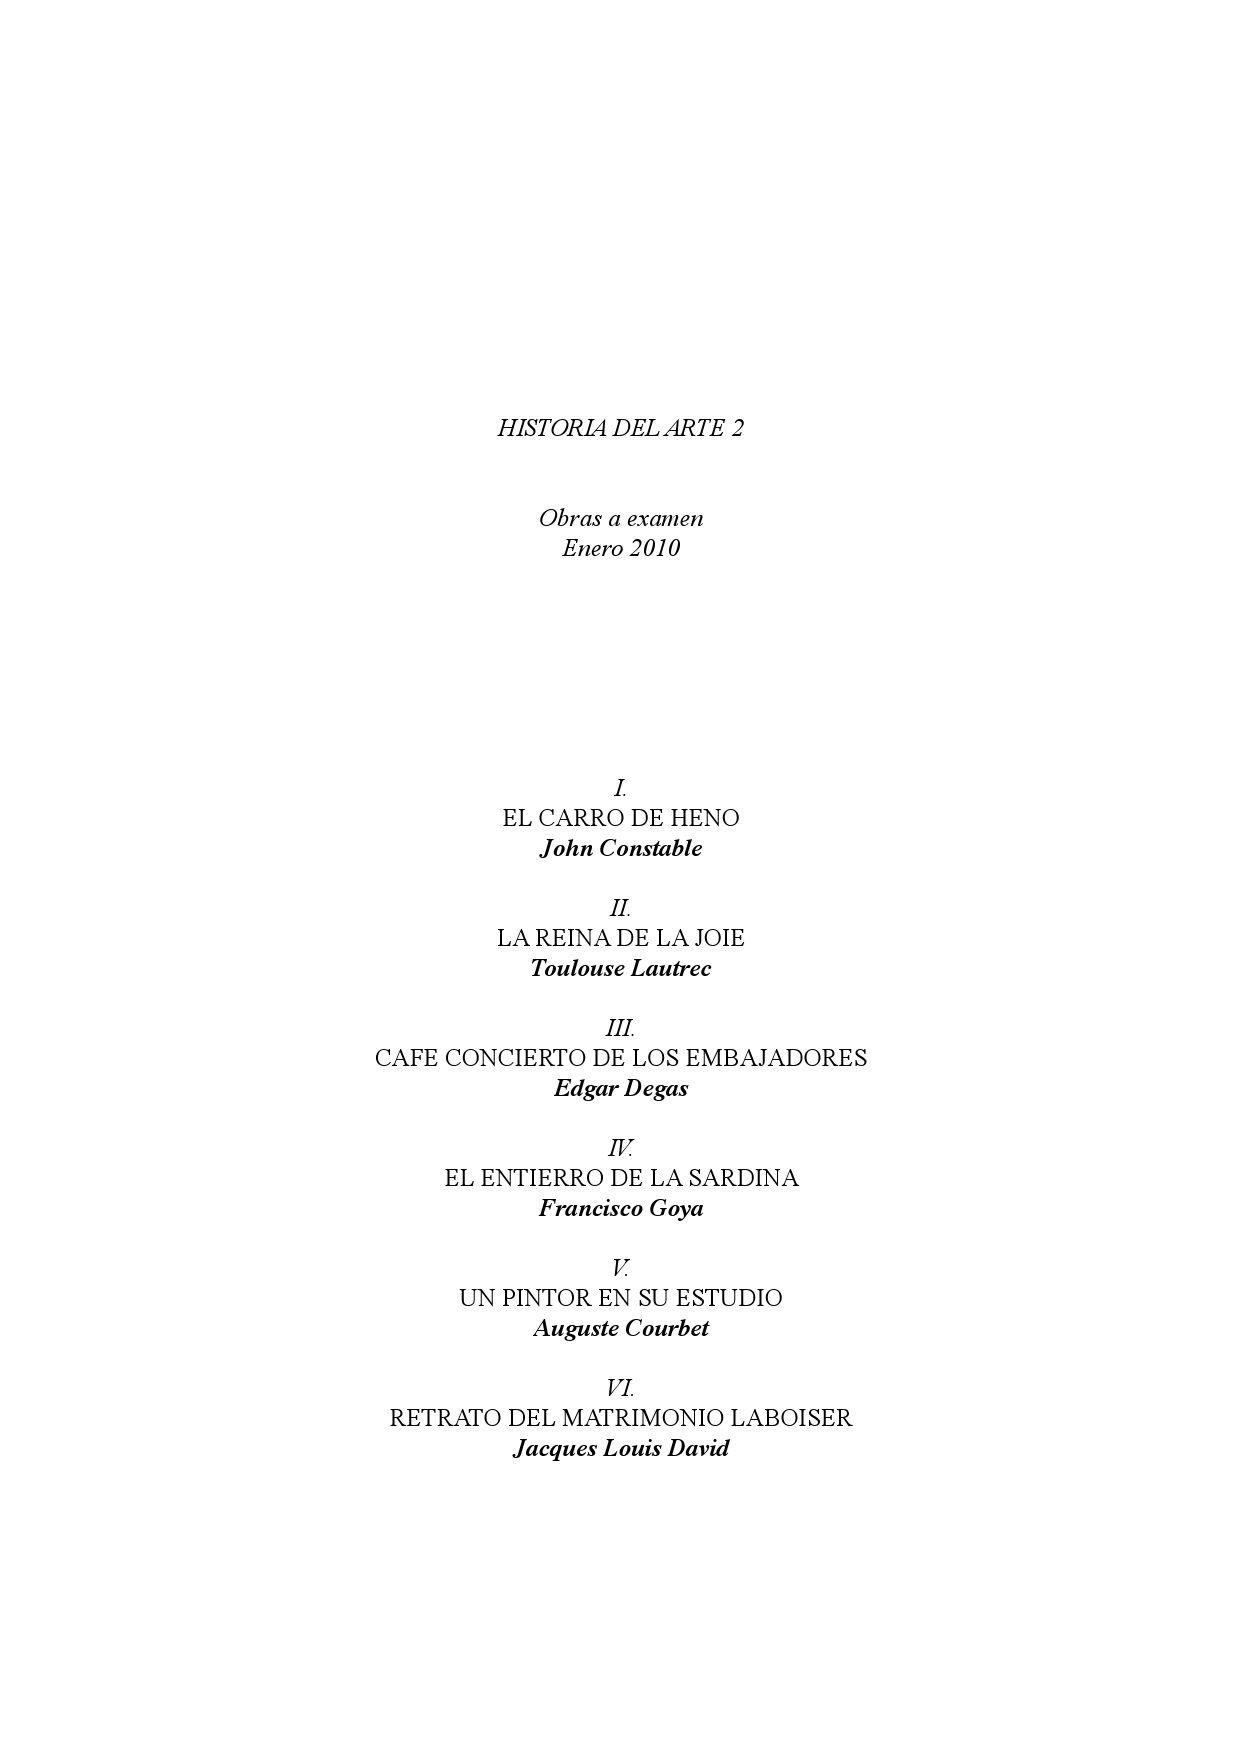 Analisis De Cuadros A Examen By Rober Pallàs Issuu